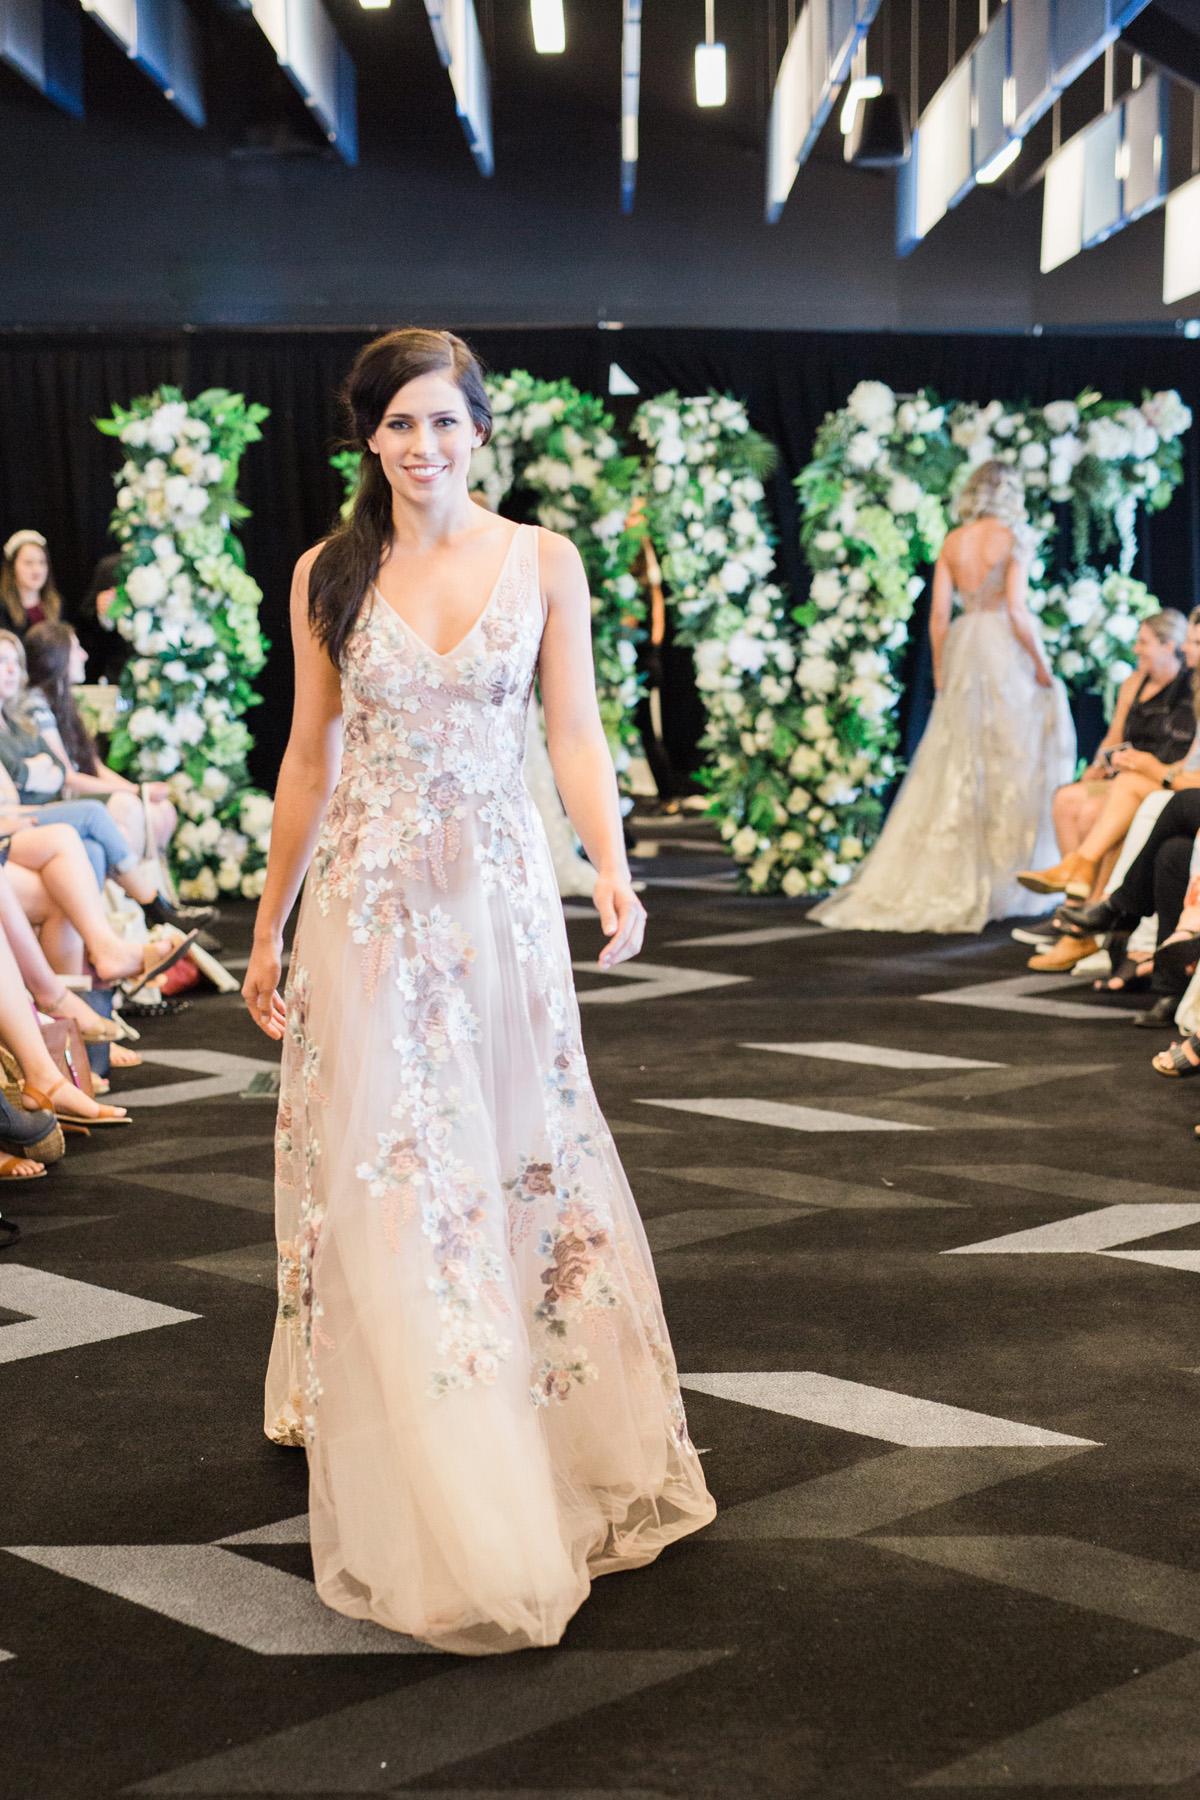 Love-Wedding-Festival-Sydney-Wedding-Gown-Angela-Osagie-11.jpg